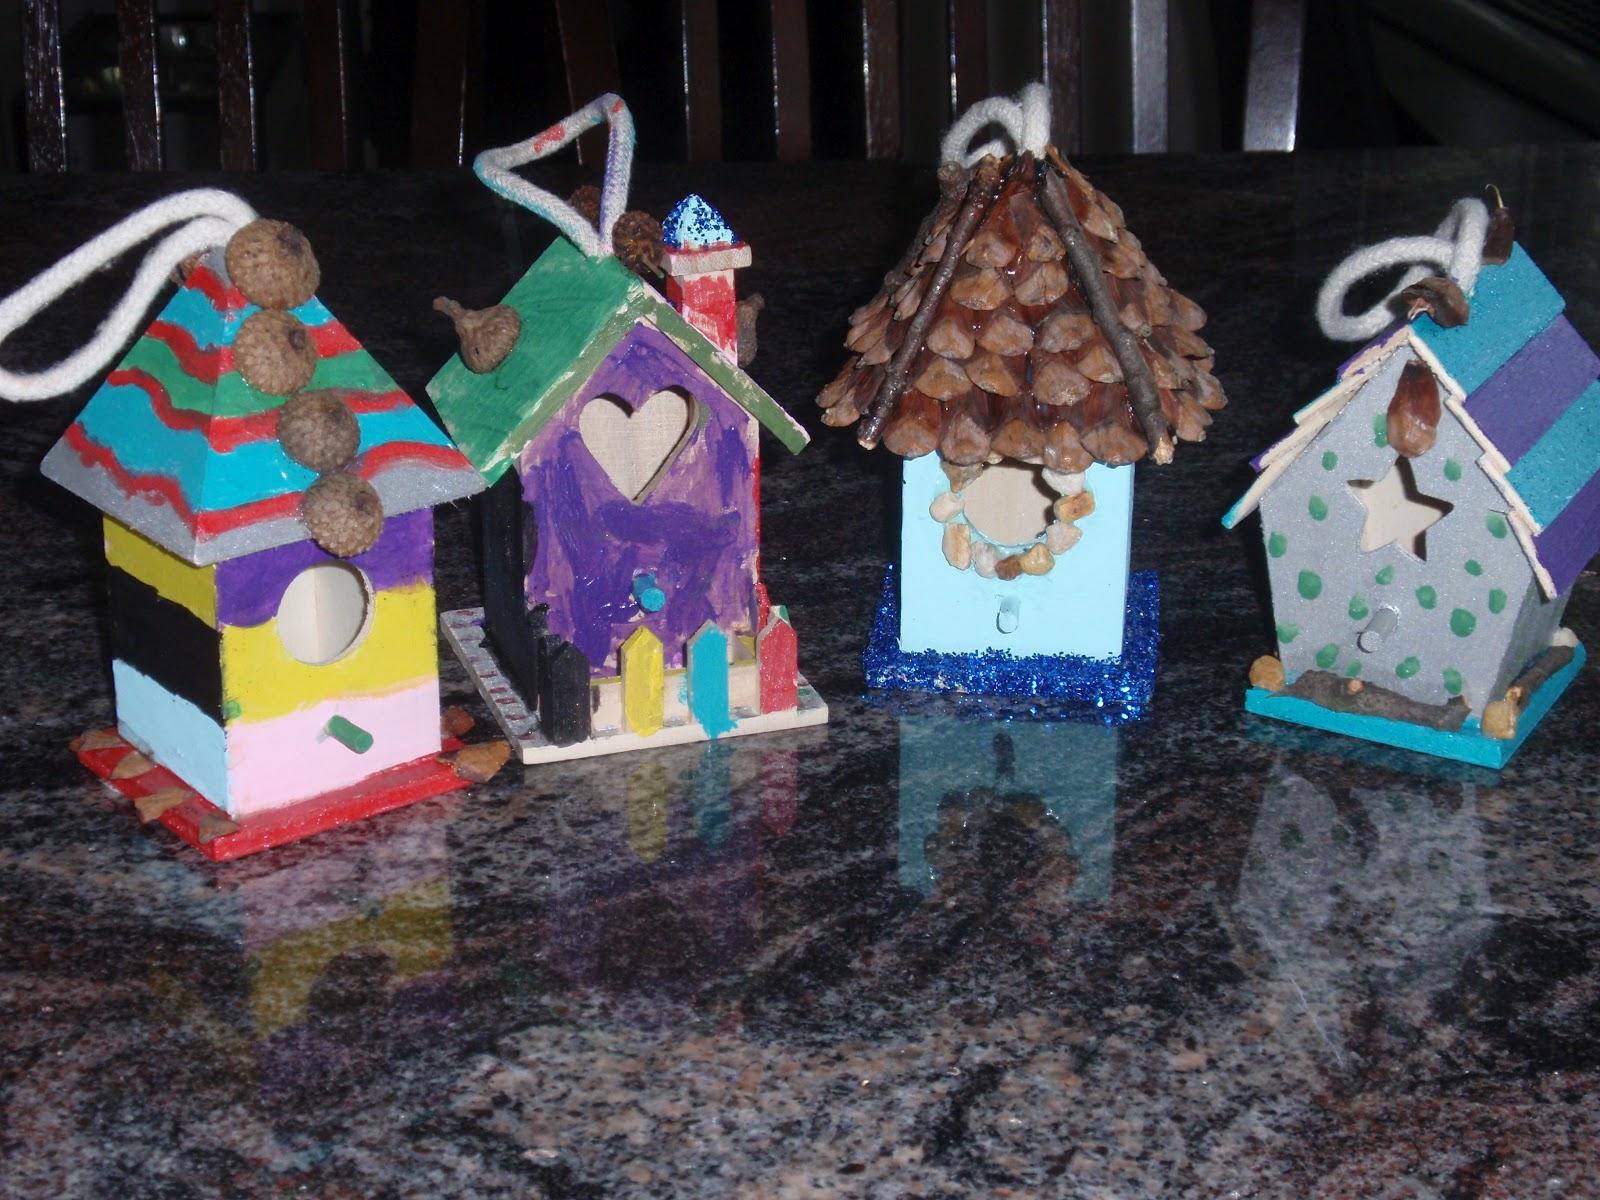 Theresa 39 s mixed nuts diy decorating small bird houses - Decorating with bird houses ...